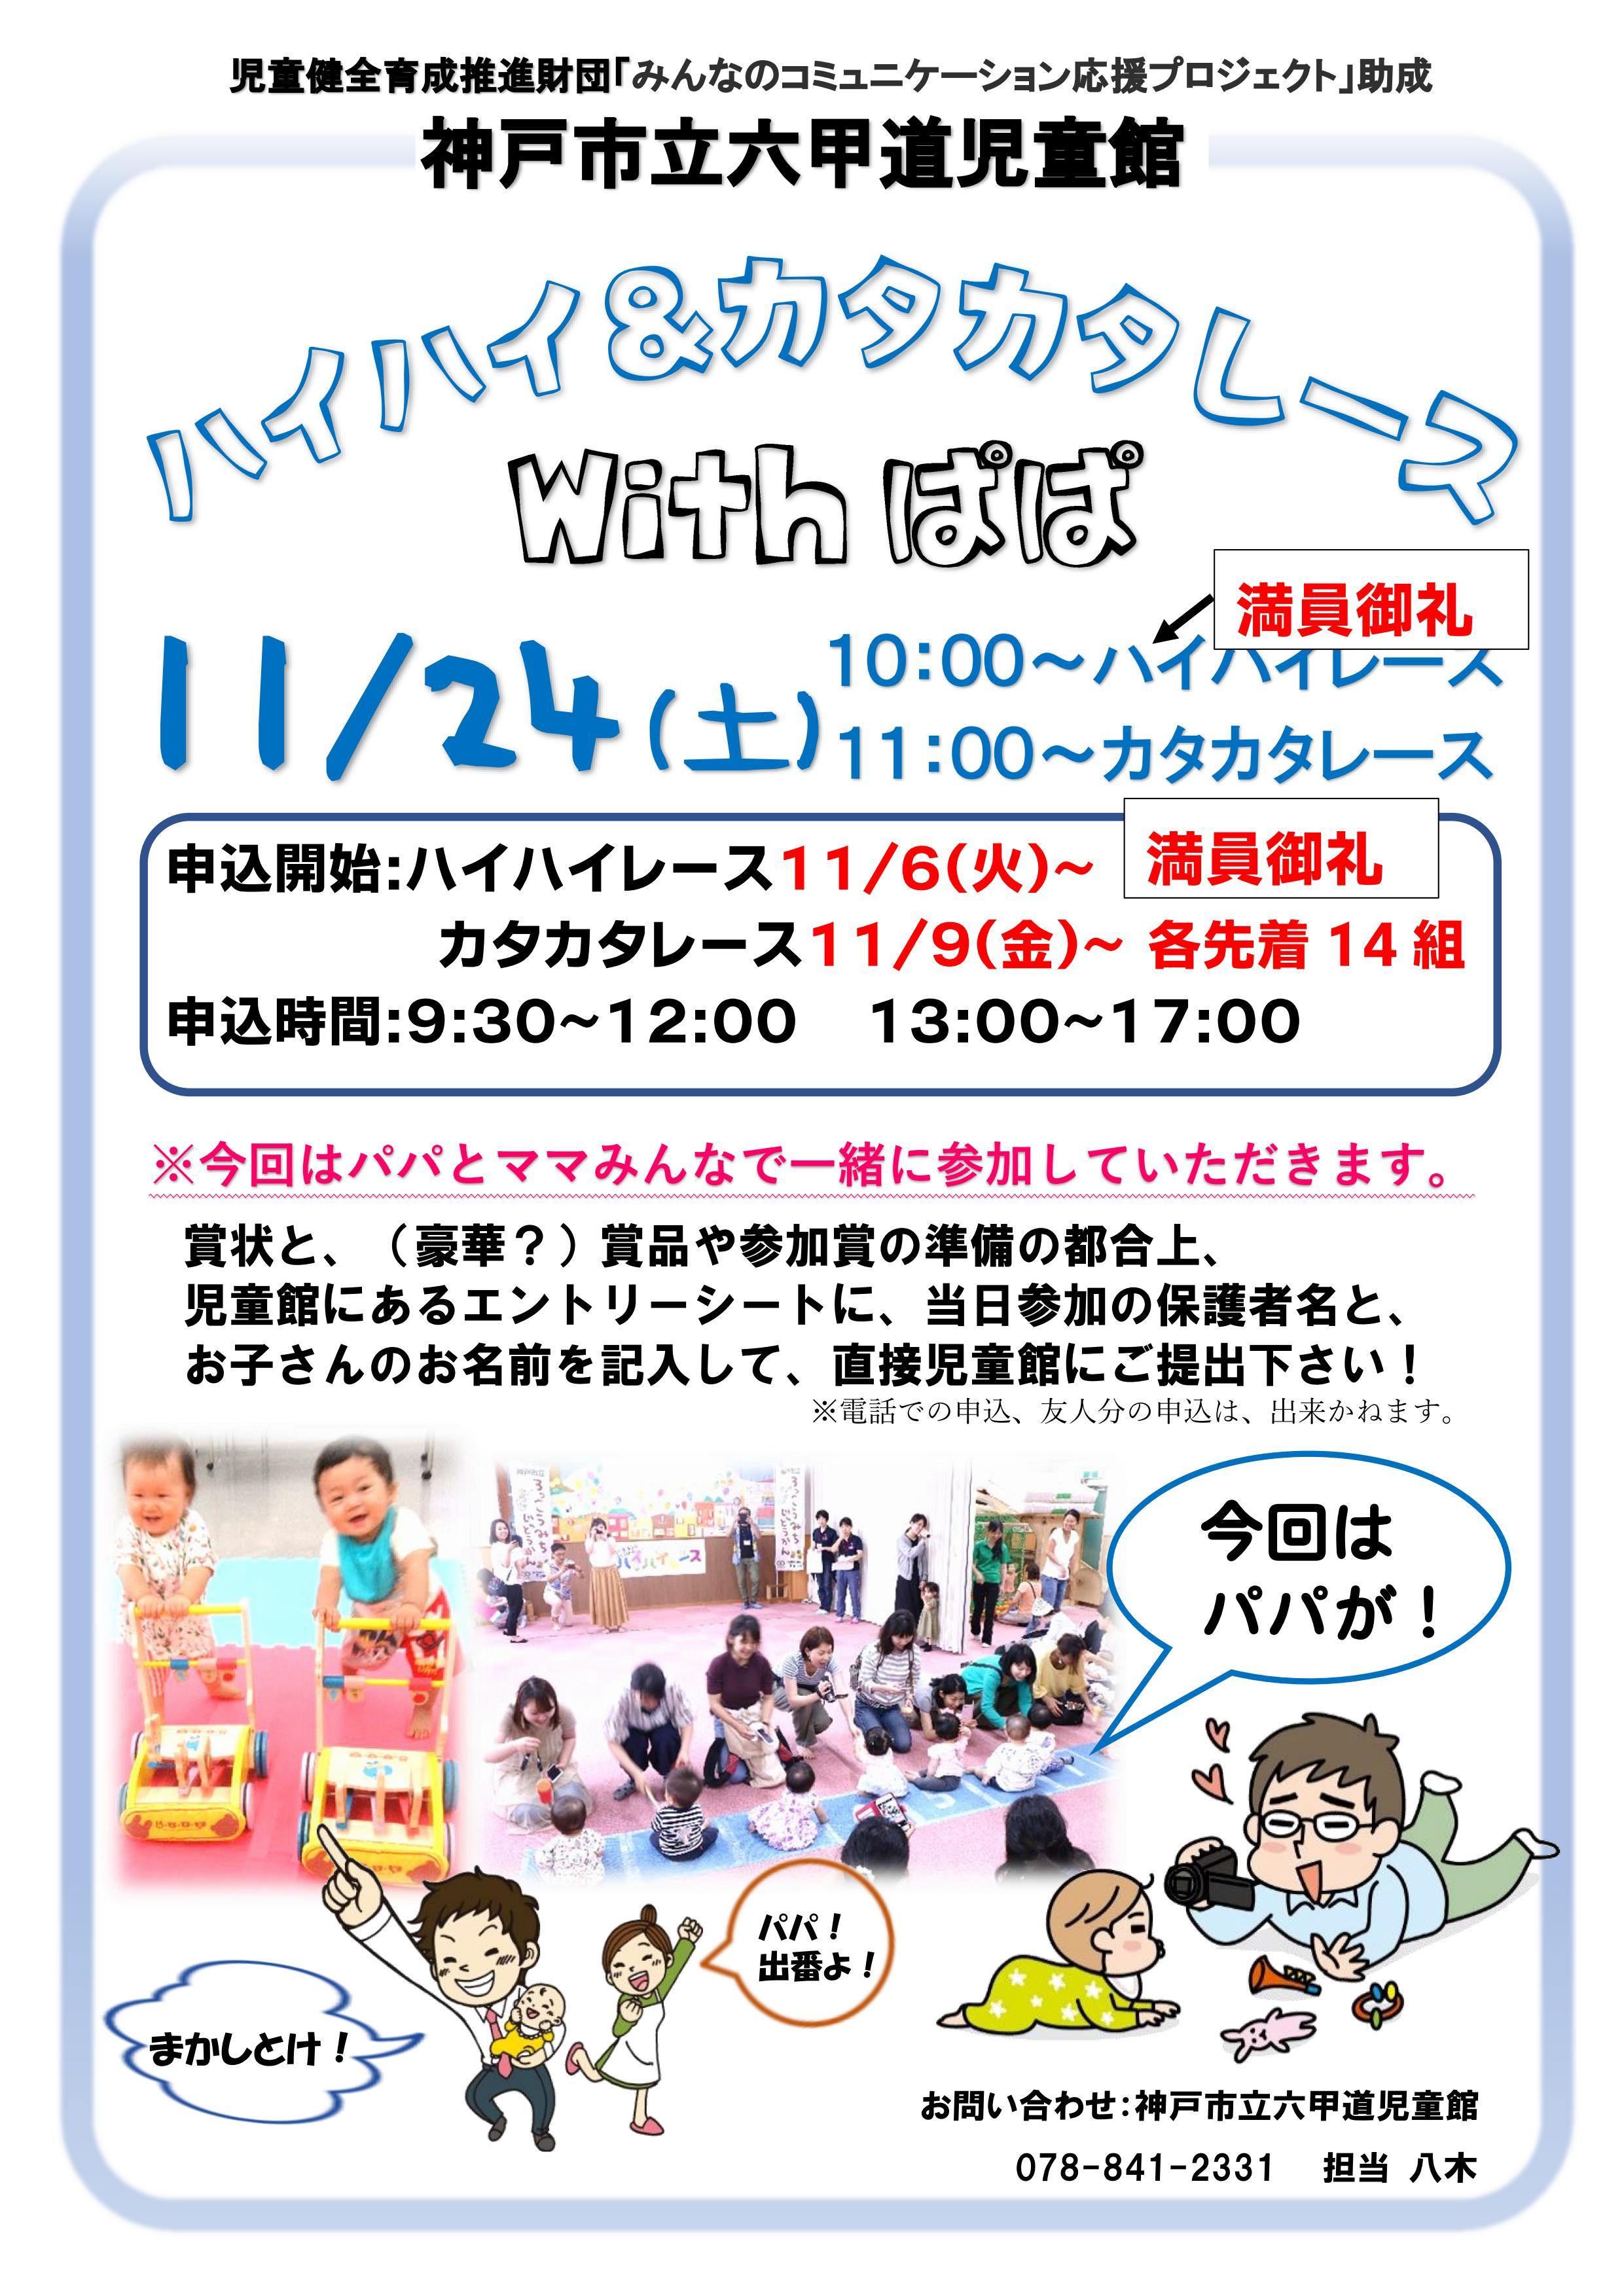 神戸市立六甲道児童館「ハイハイ&カタカタレースwithパパ」ハイハイのみ満員御礼!